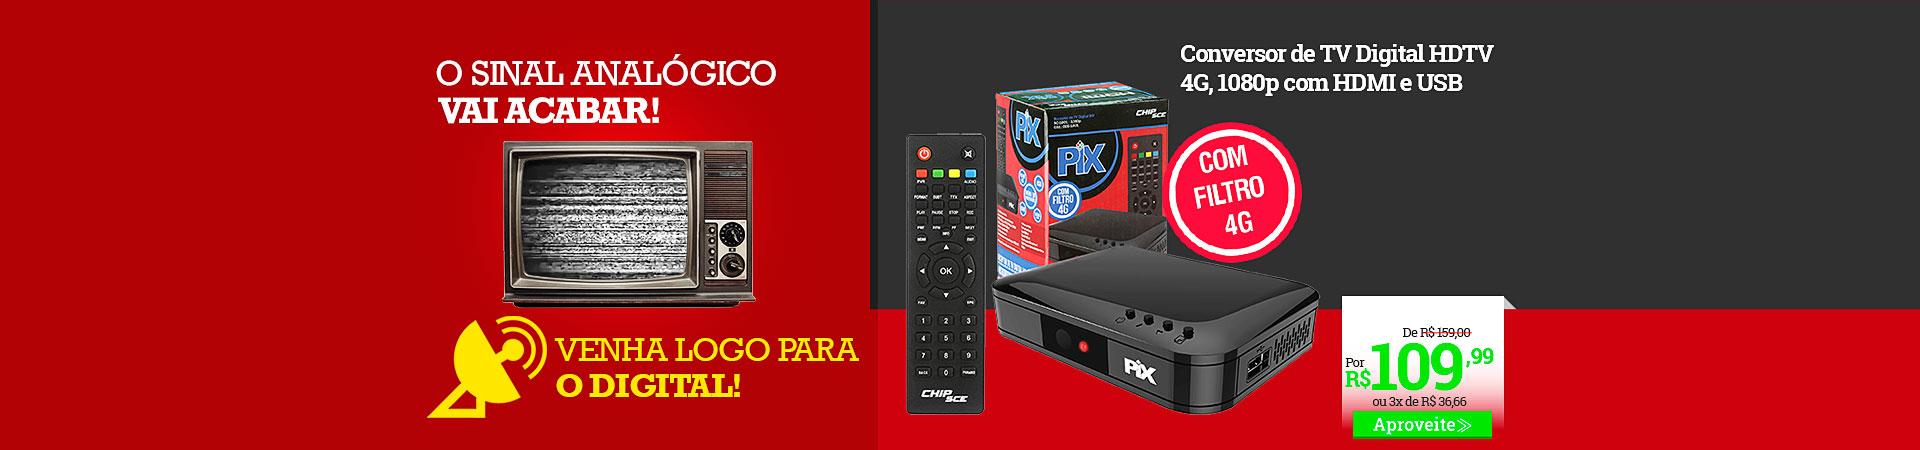 CONVERSOR DE TV DIGITAL HDTV